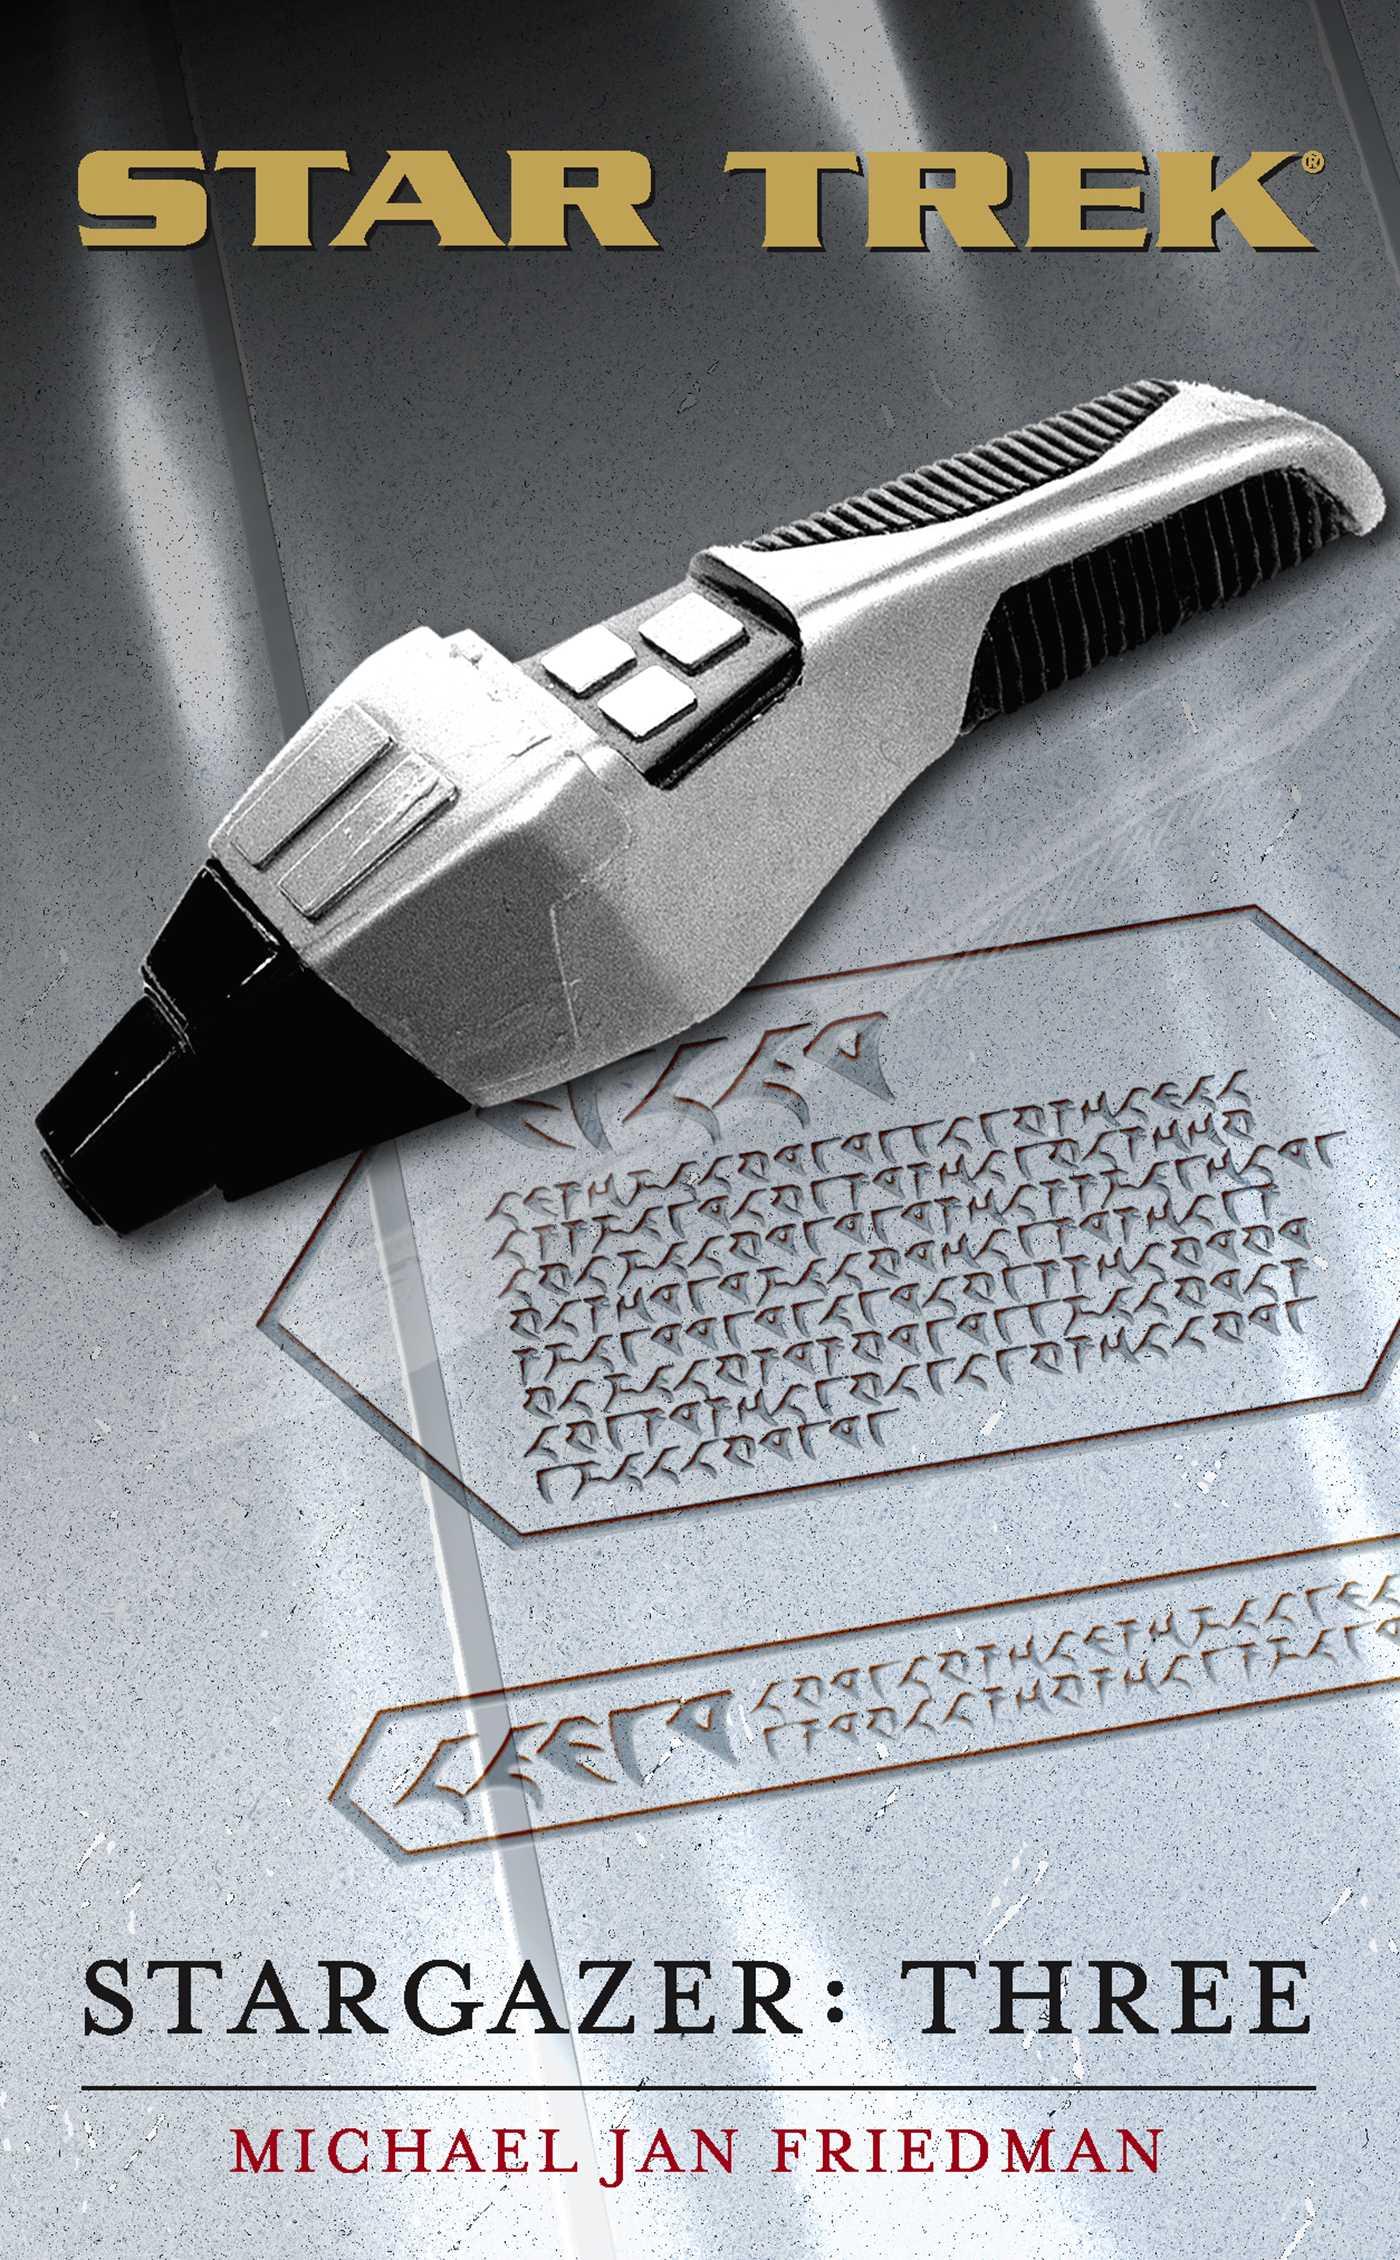 Star trek the next generation stargazer three 9780743448536 hr